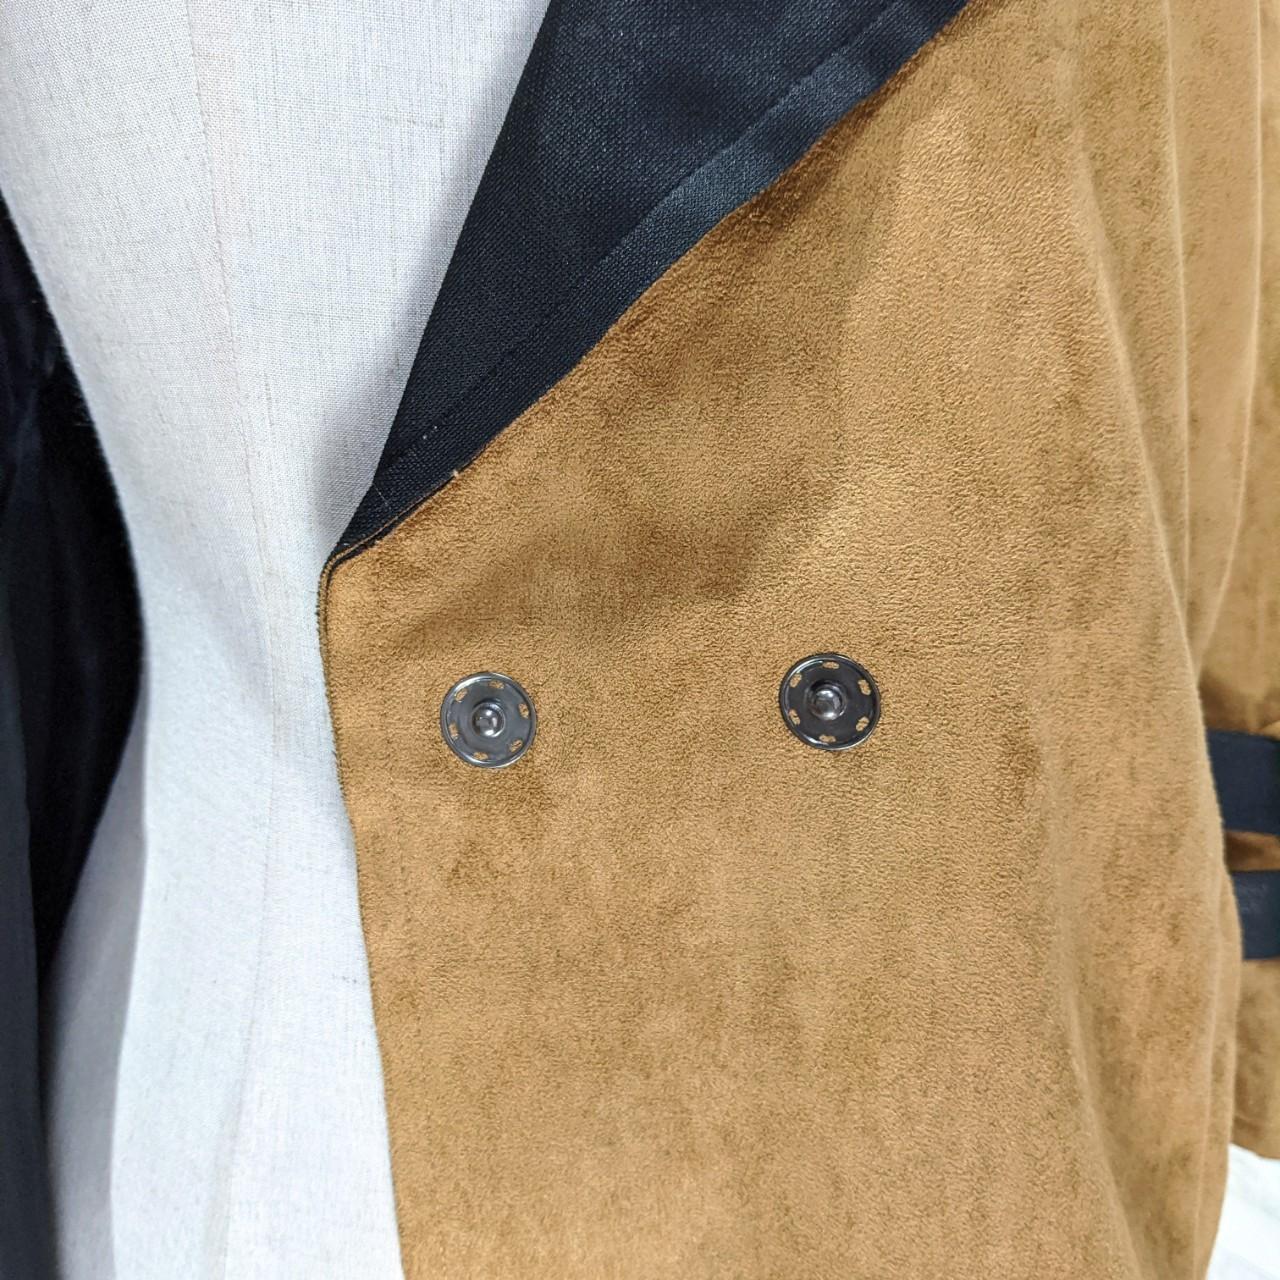 【即納】韓国 ファッション アウター レザージャケット コート 秋 冬 パーティー ブライダル SPTXG910  革ベルト風 エコスエード ジャケット ショート 二次会 セレブ きれいめの写真19枚目